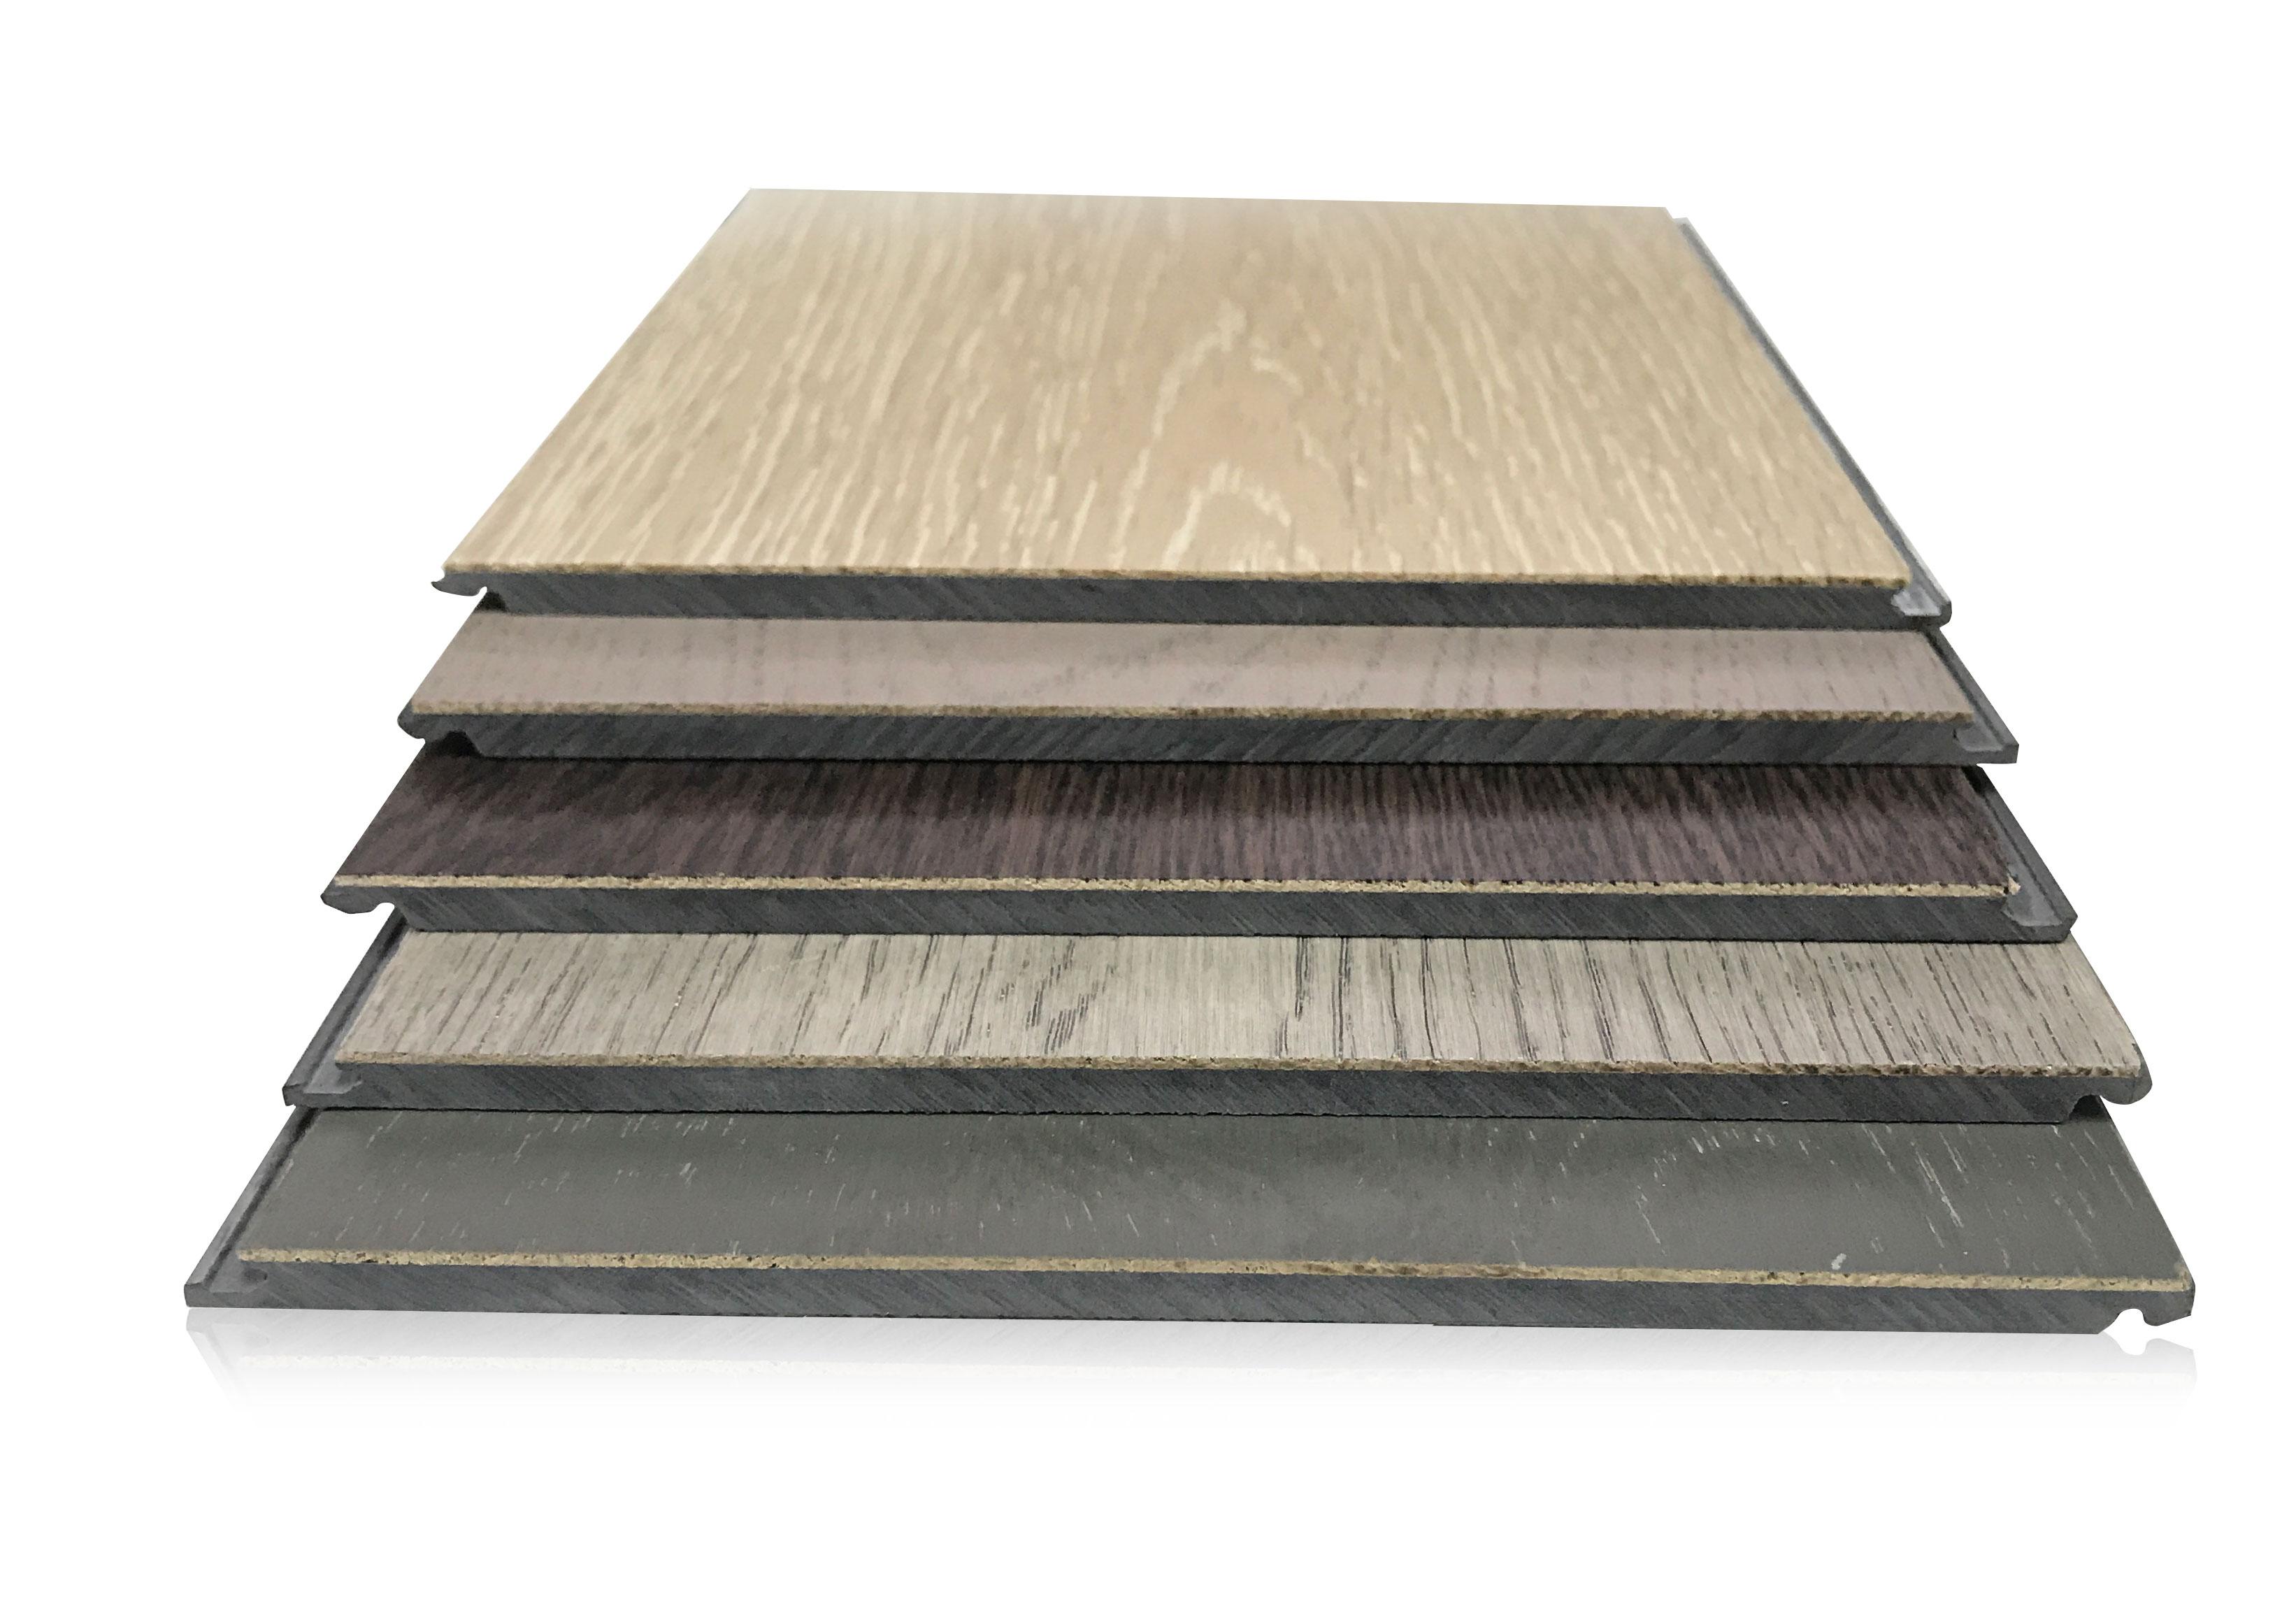 Wenge Oak Solid Wood Flooring wood veneer spc flooring - lordparquet floor-a professional